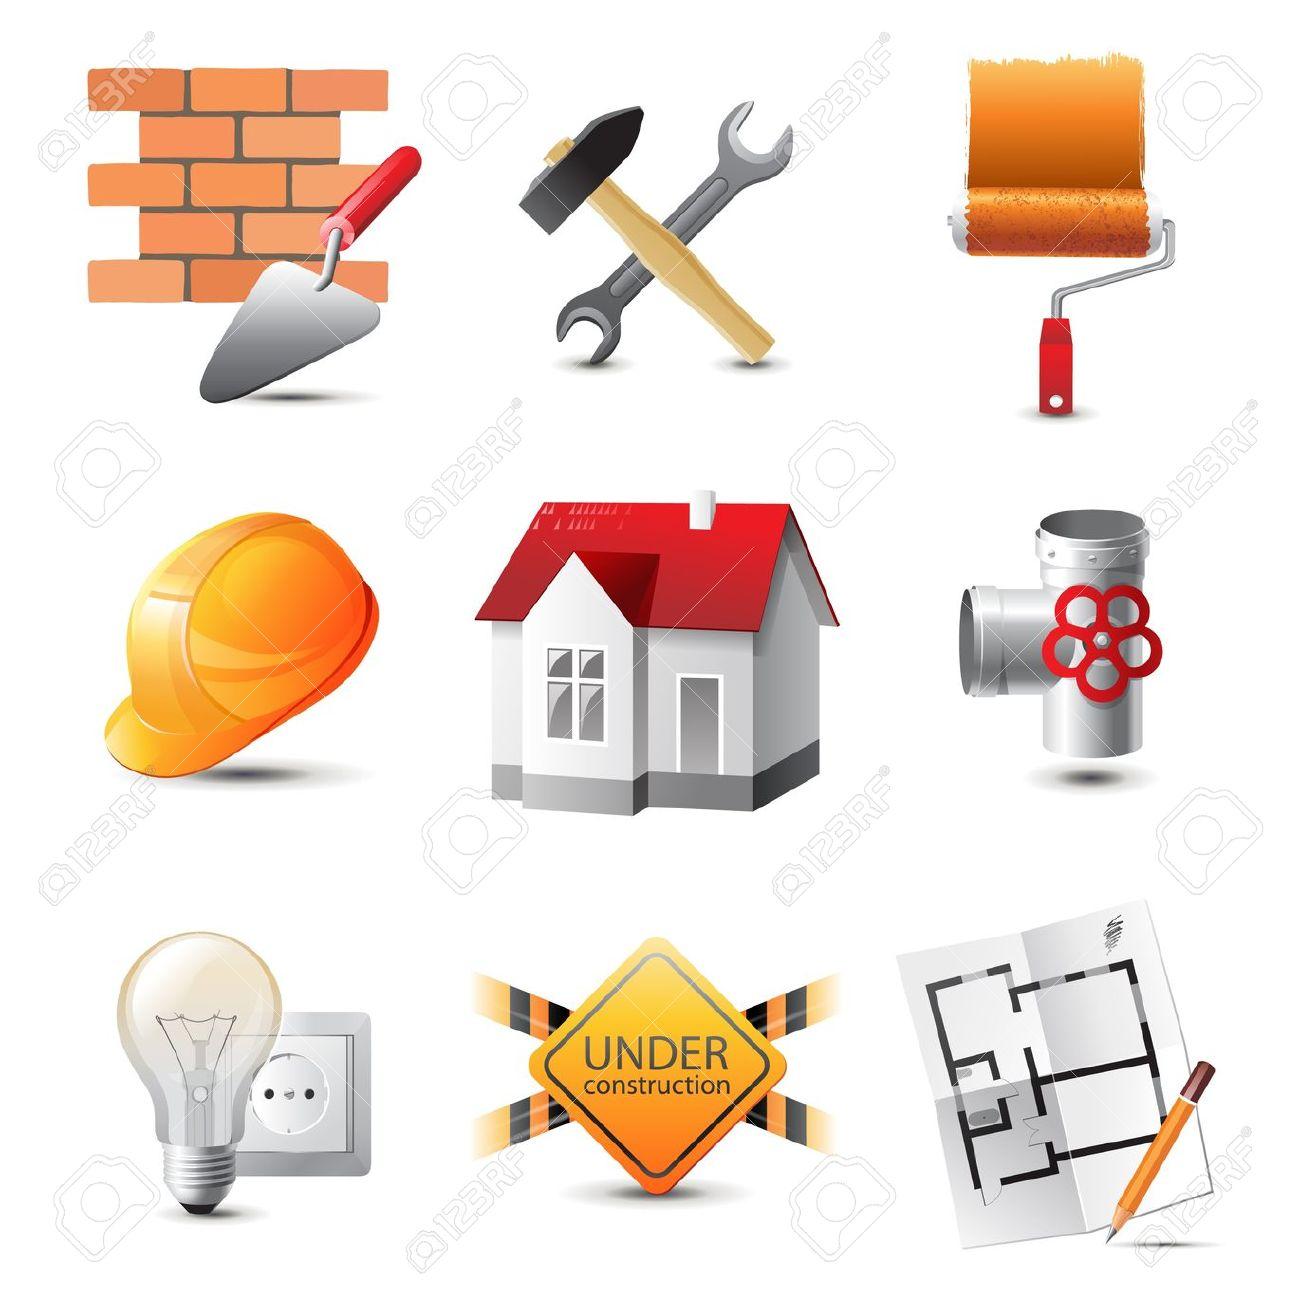 Construction tools clipart.